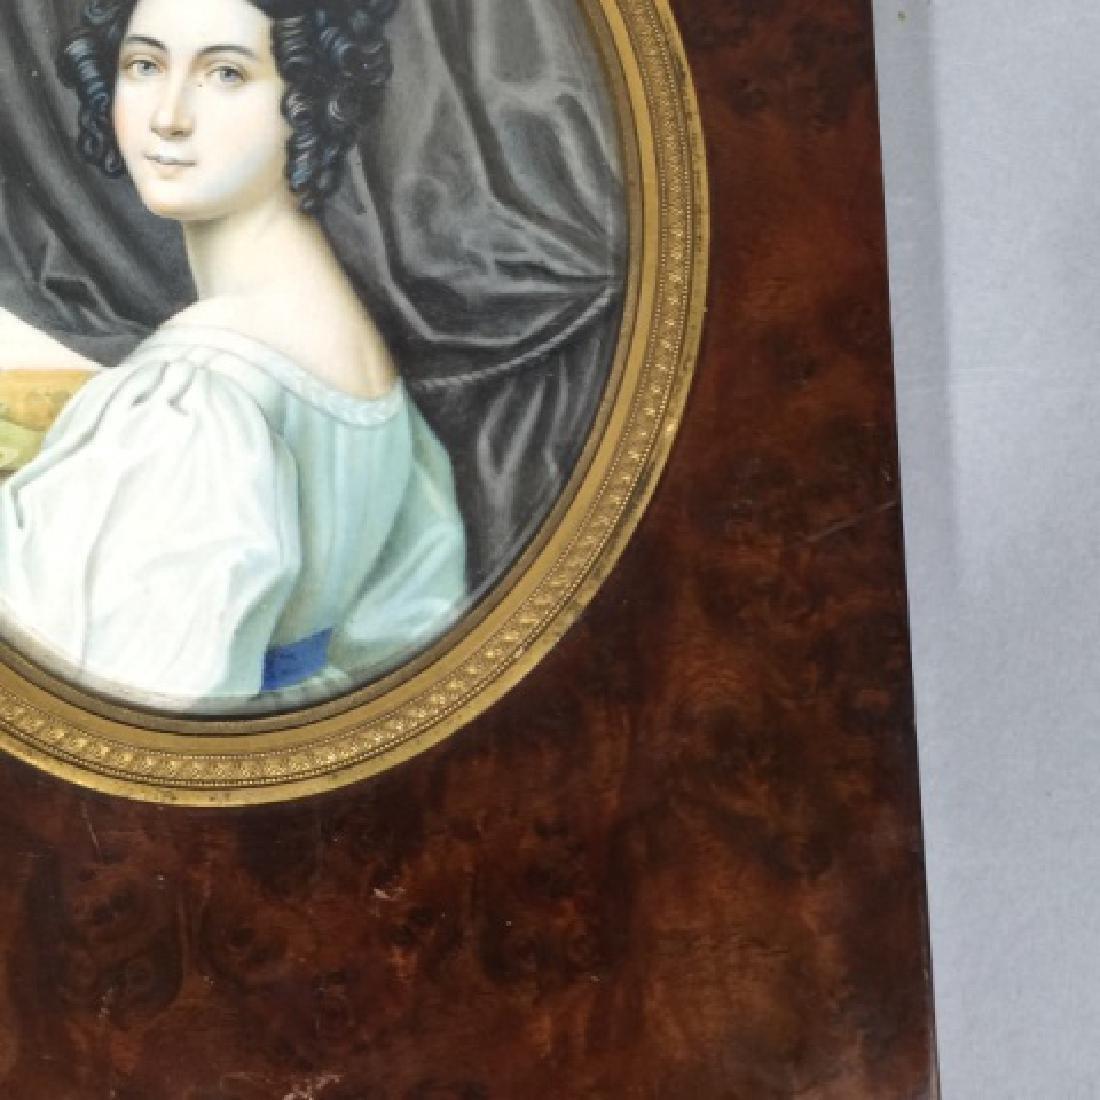 Antique 19th C Hand Painted Portrait Miniature - 5